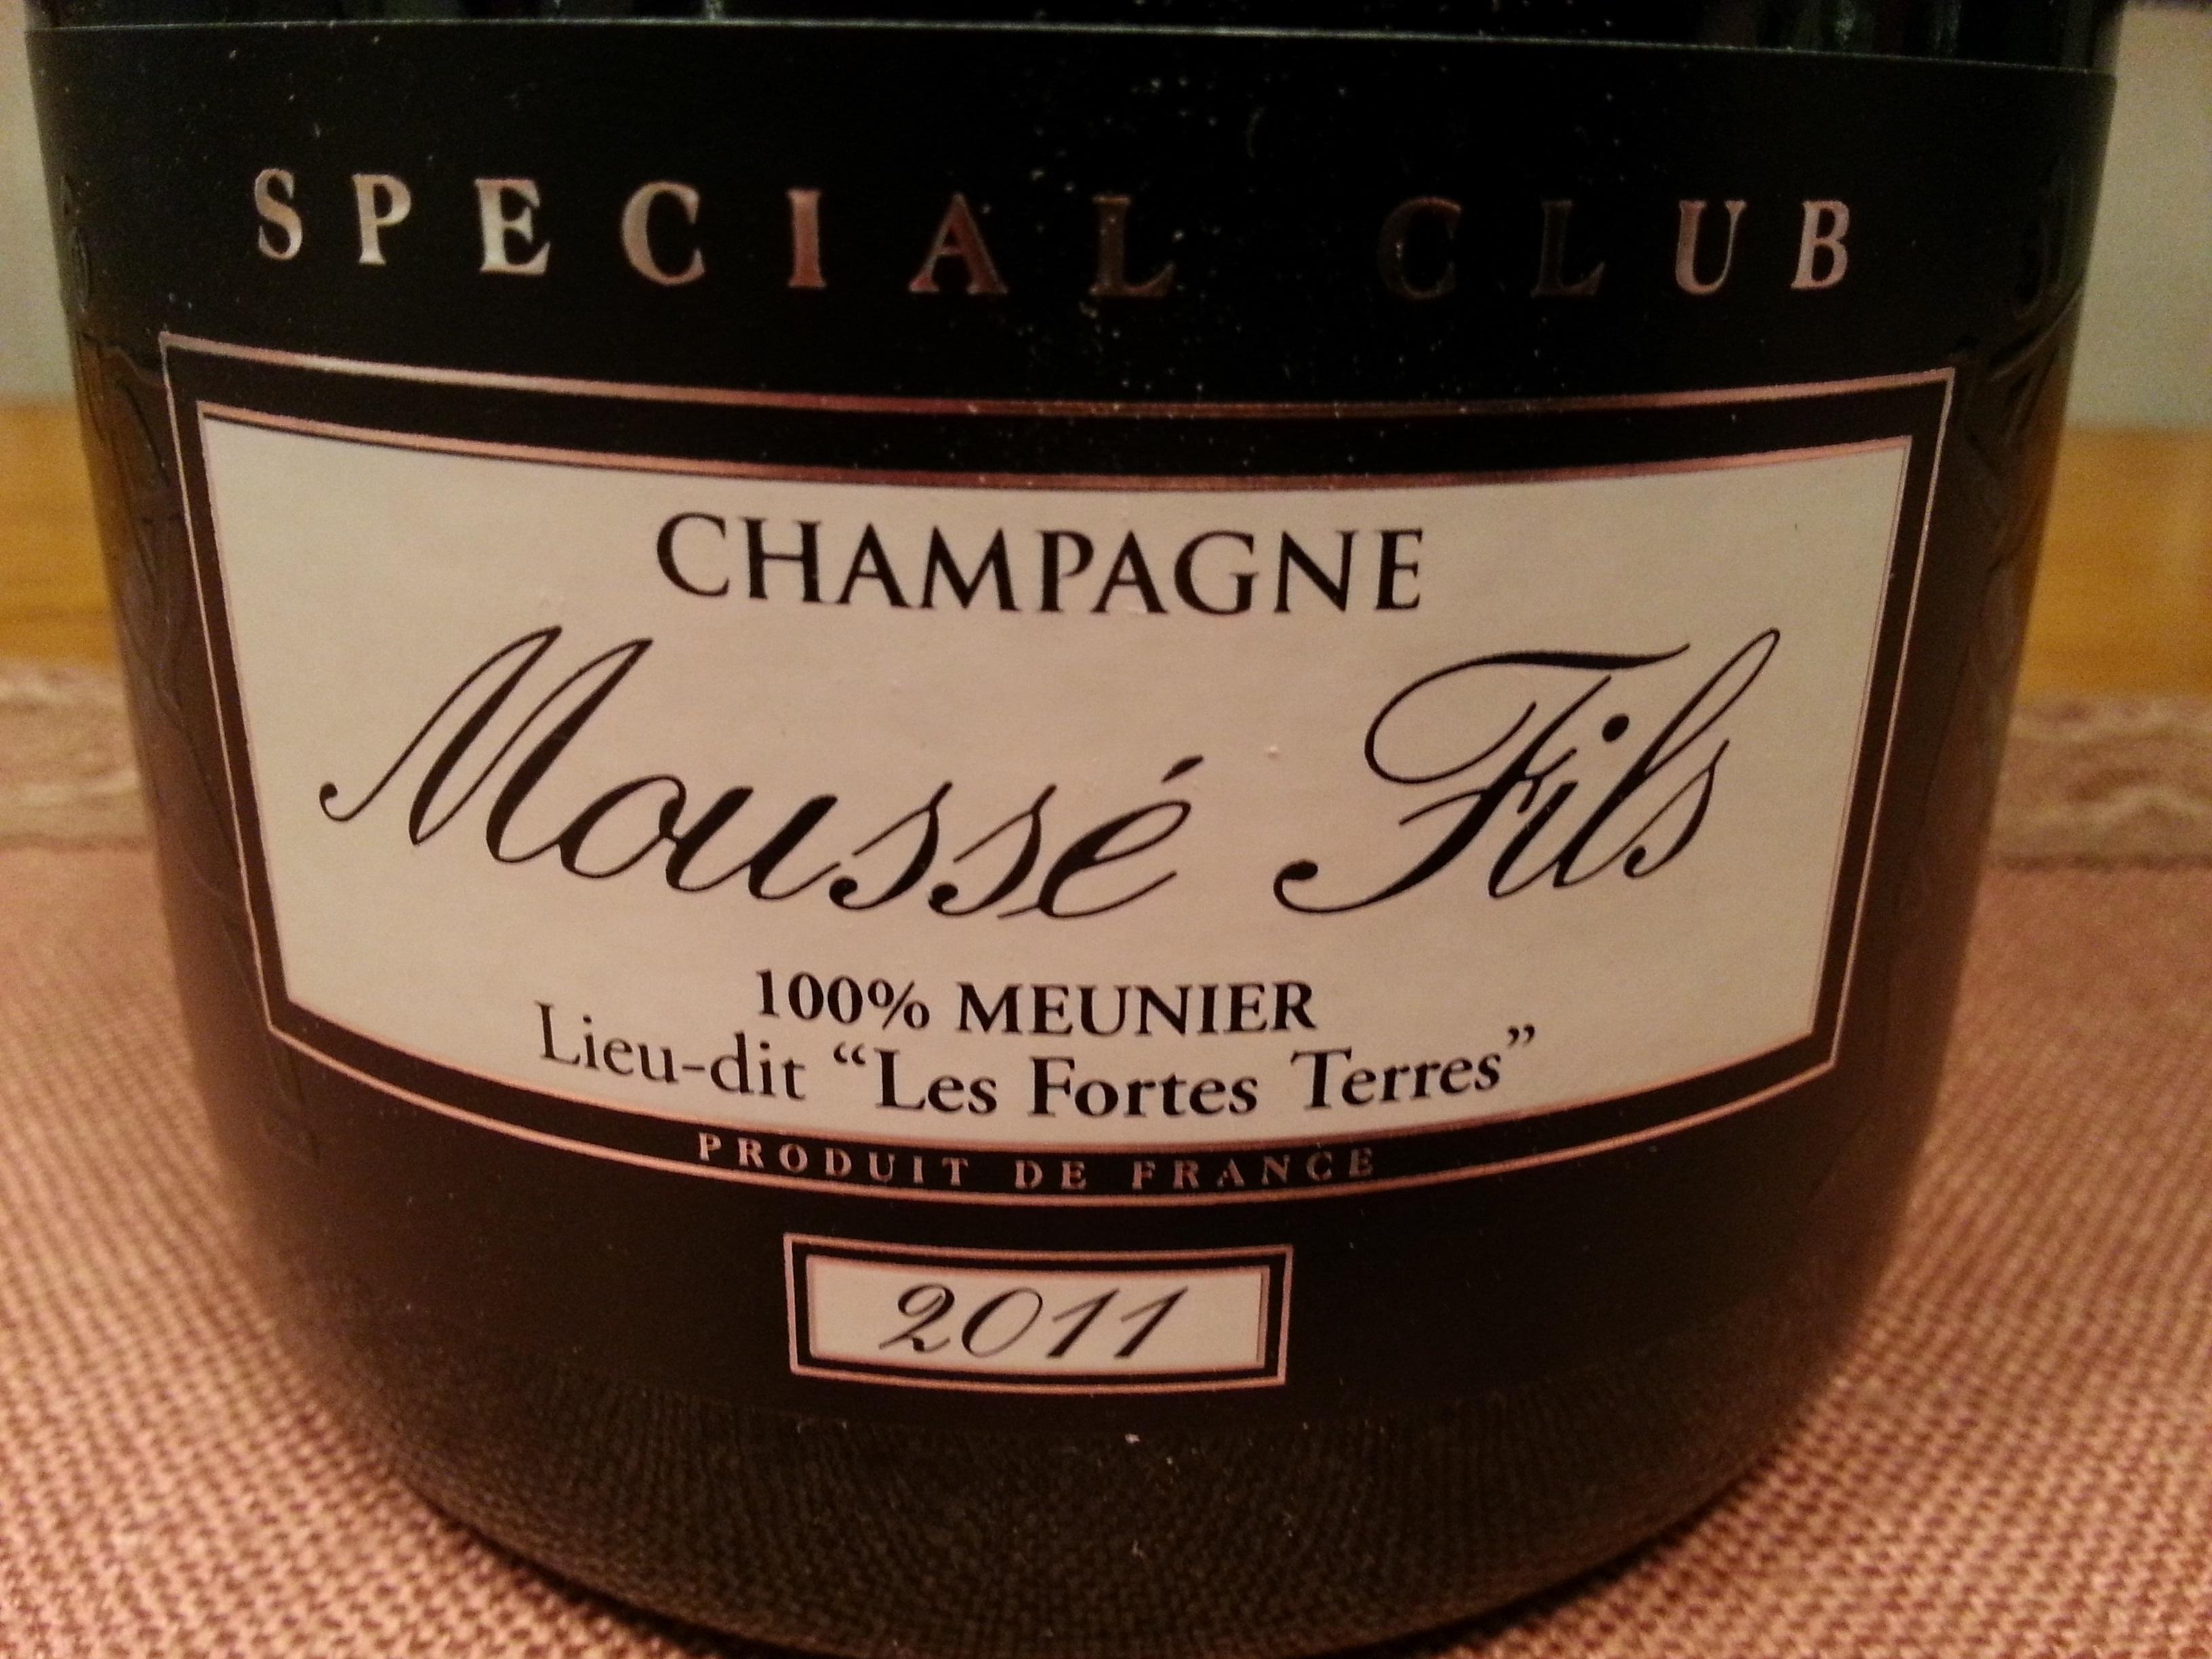 2011 Champagne Special Club Les Fortes Terres | Moussé-Fils